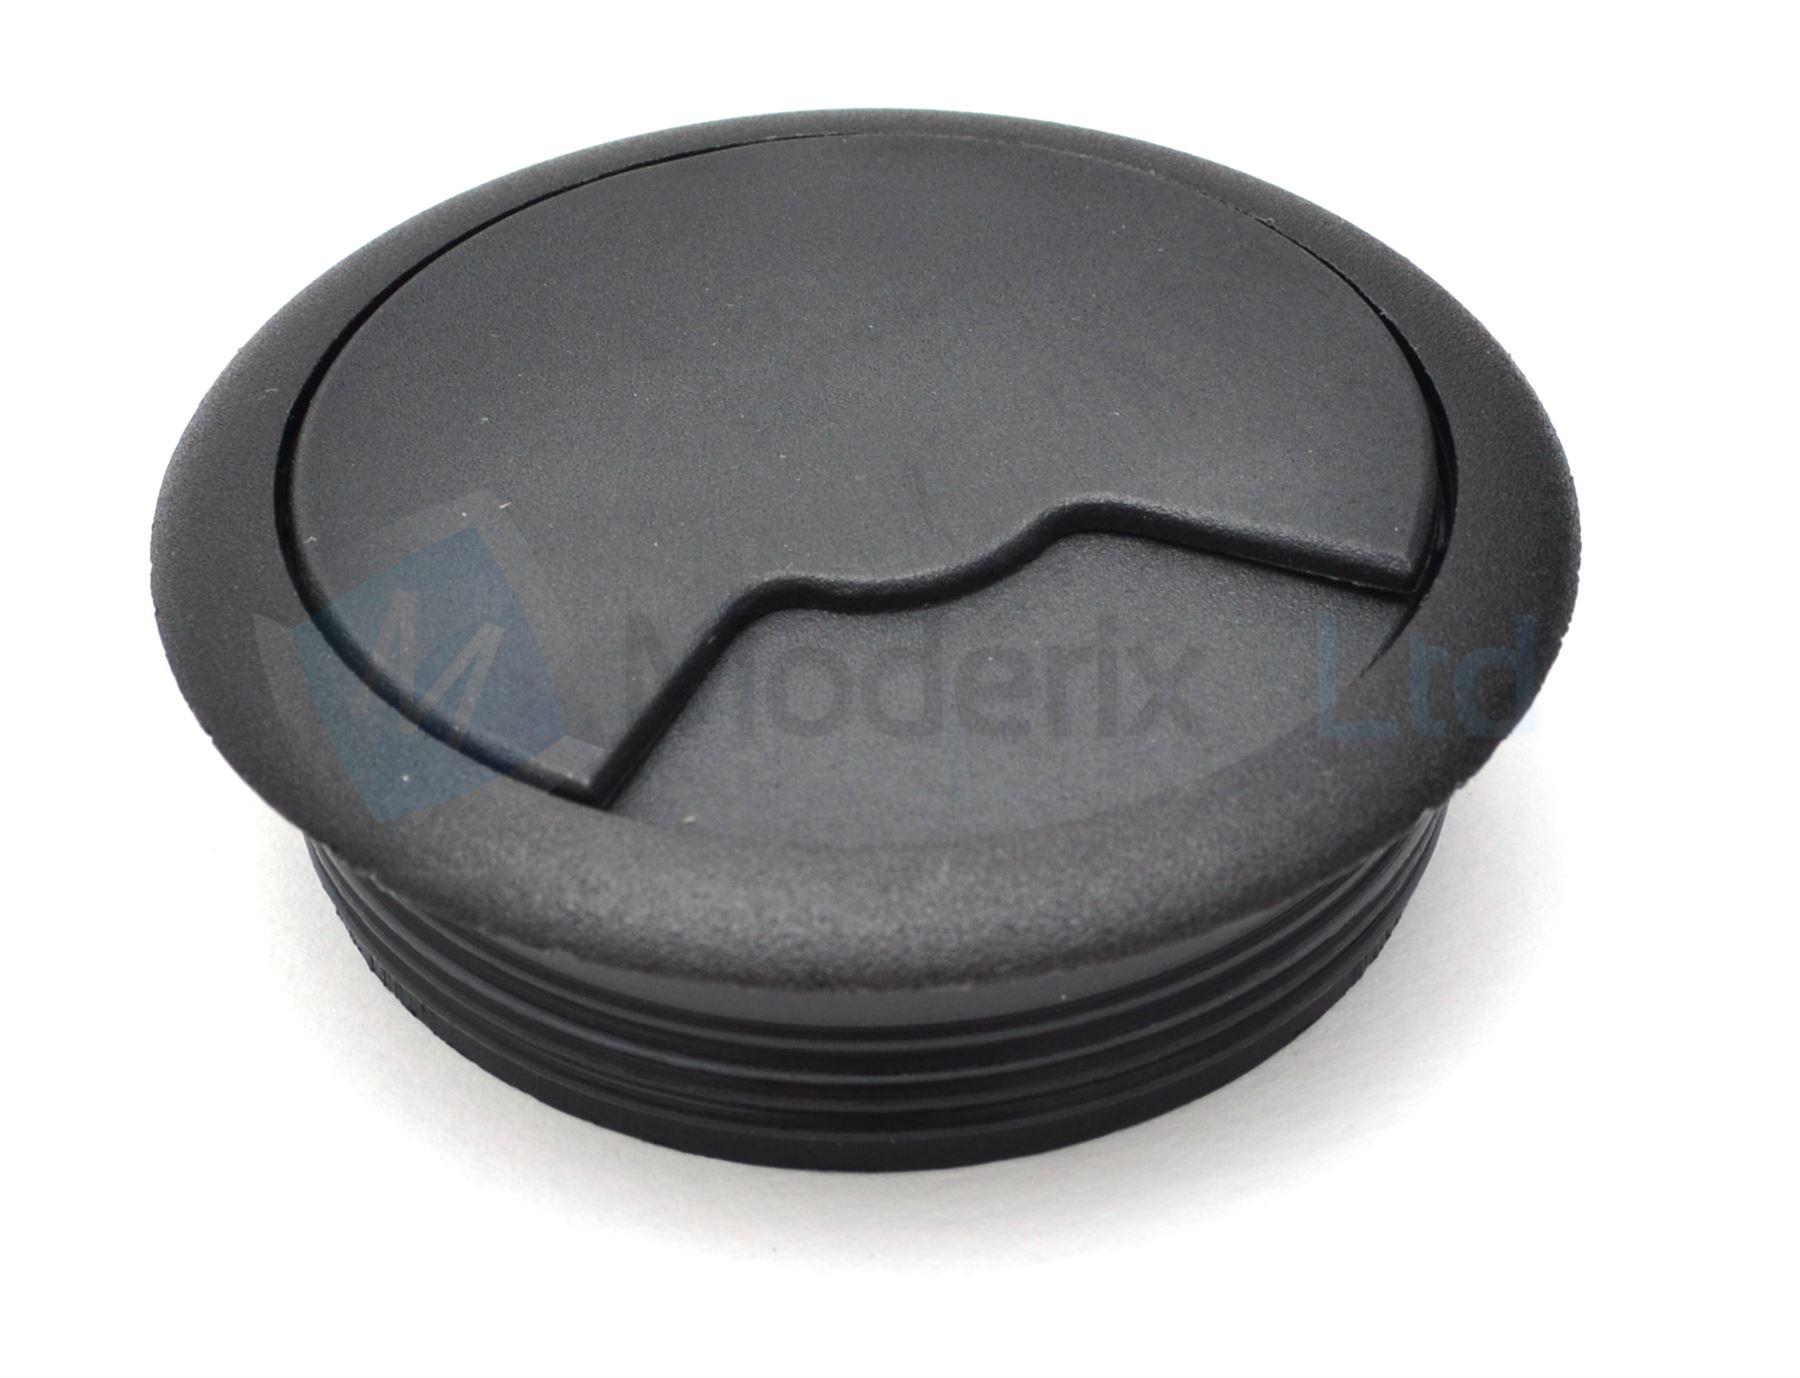 60mm Black Pc Computer Desk Plastic Grommet Table Cable